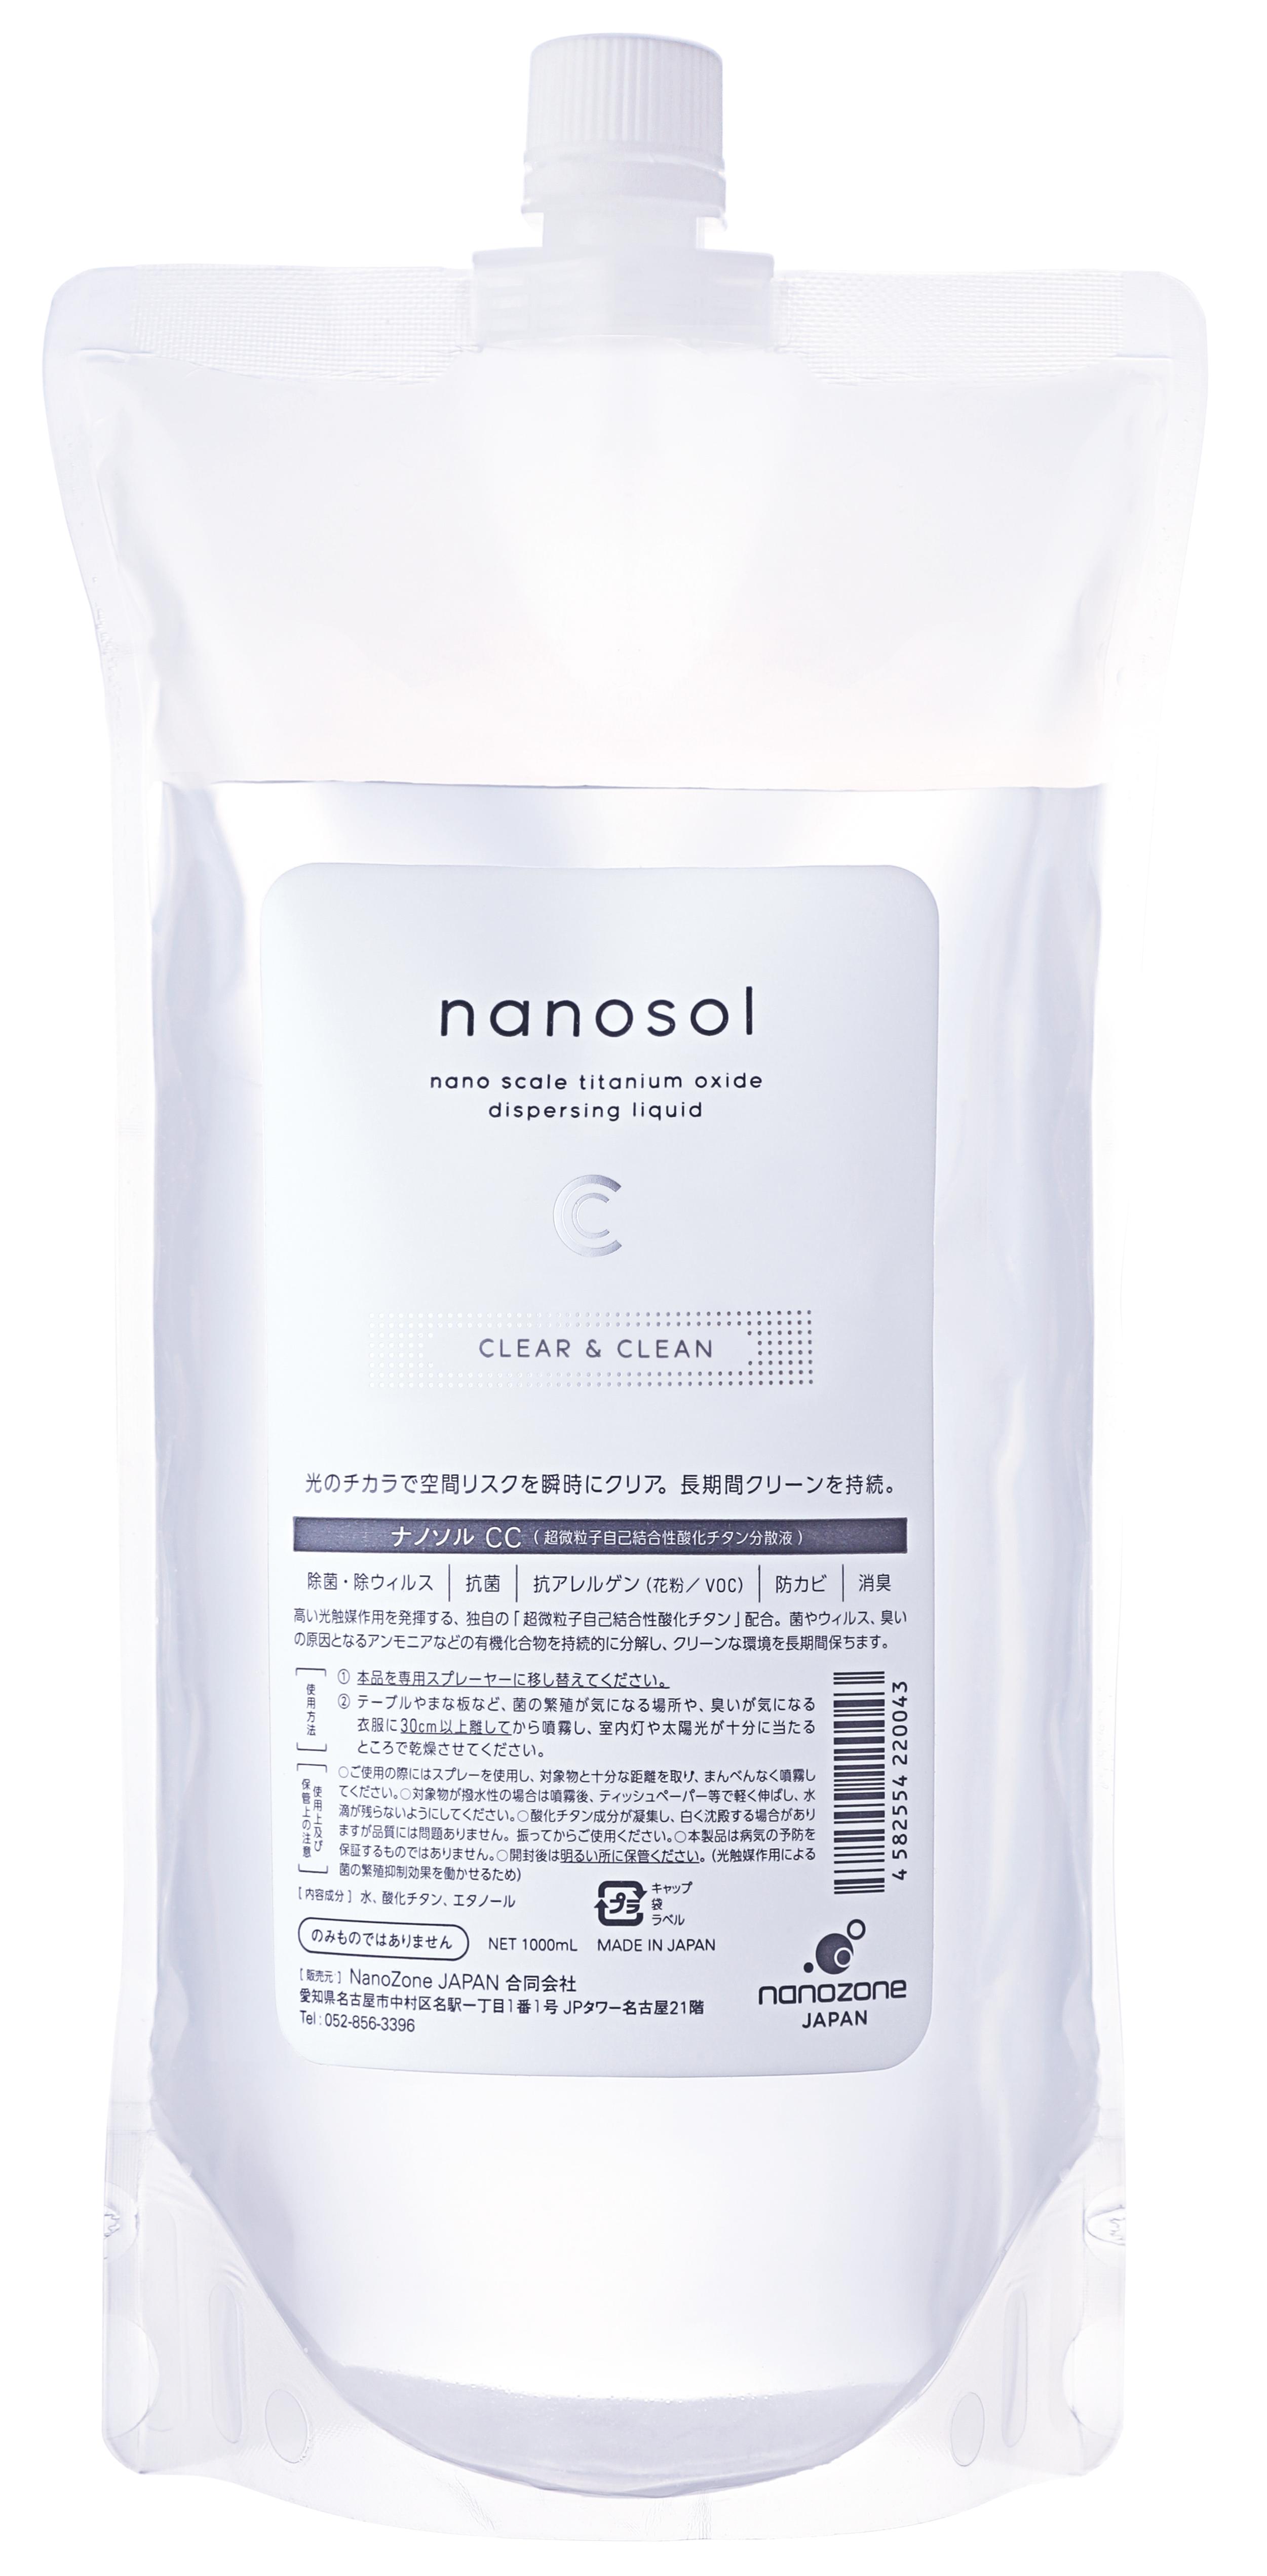 どこも抗菌 ナノゾーン ナノソルcc1000ml